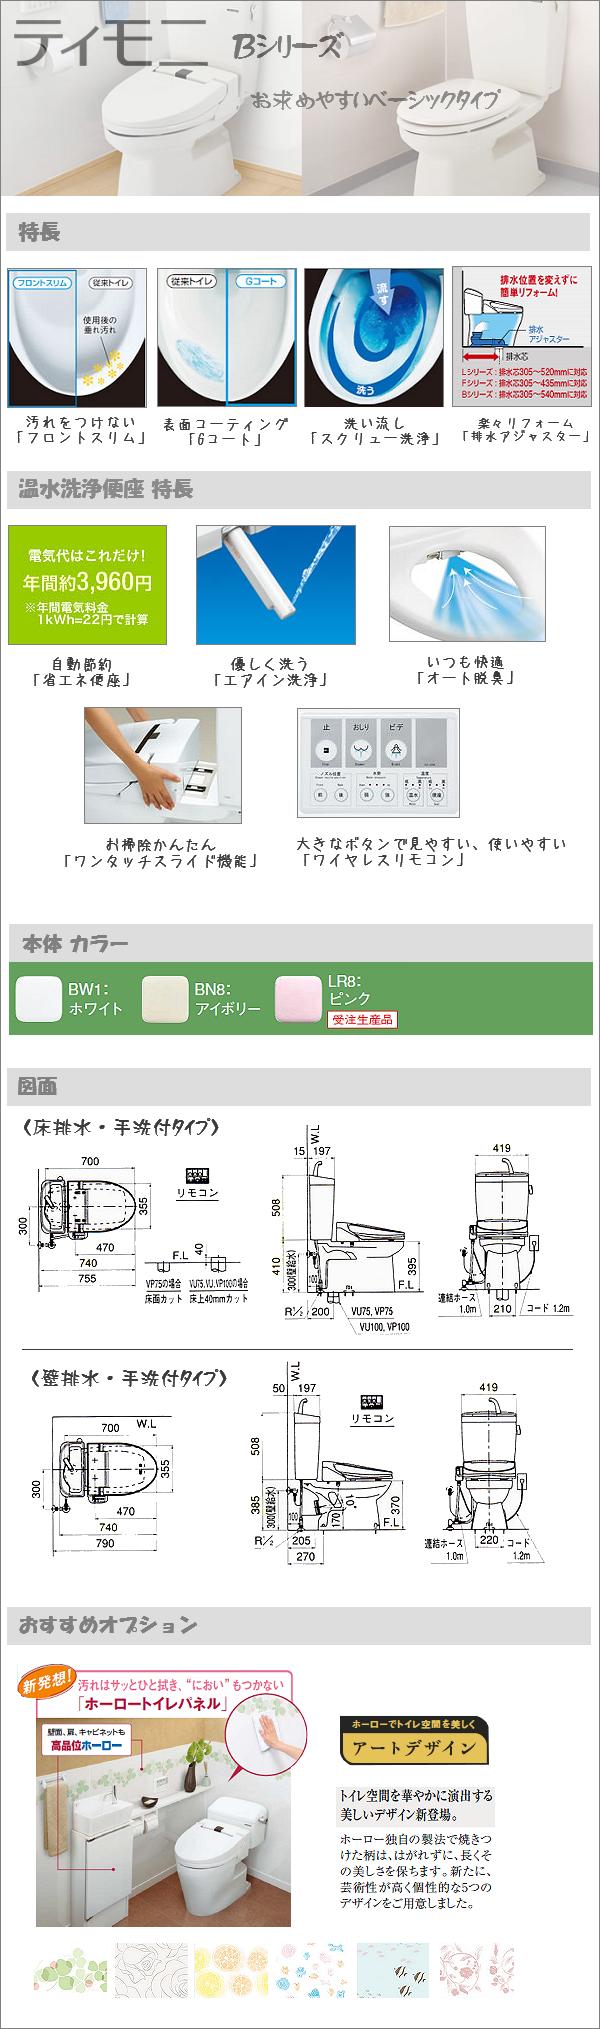 タカラスタンダード/ティモニBシリーズ 商品情報